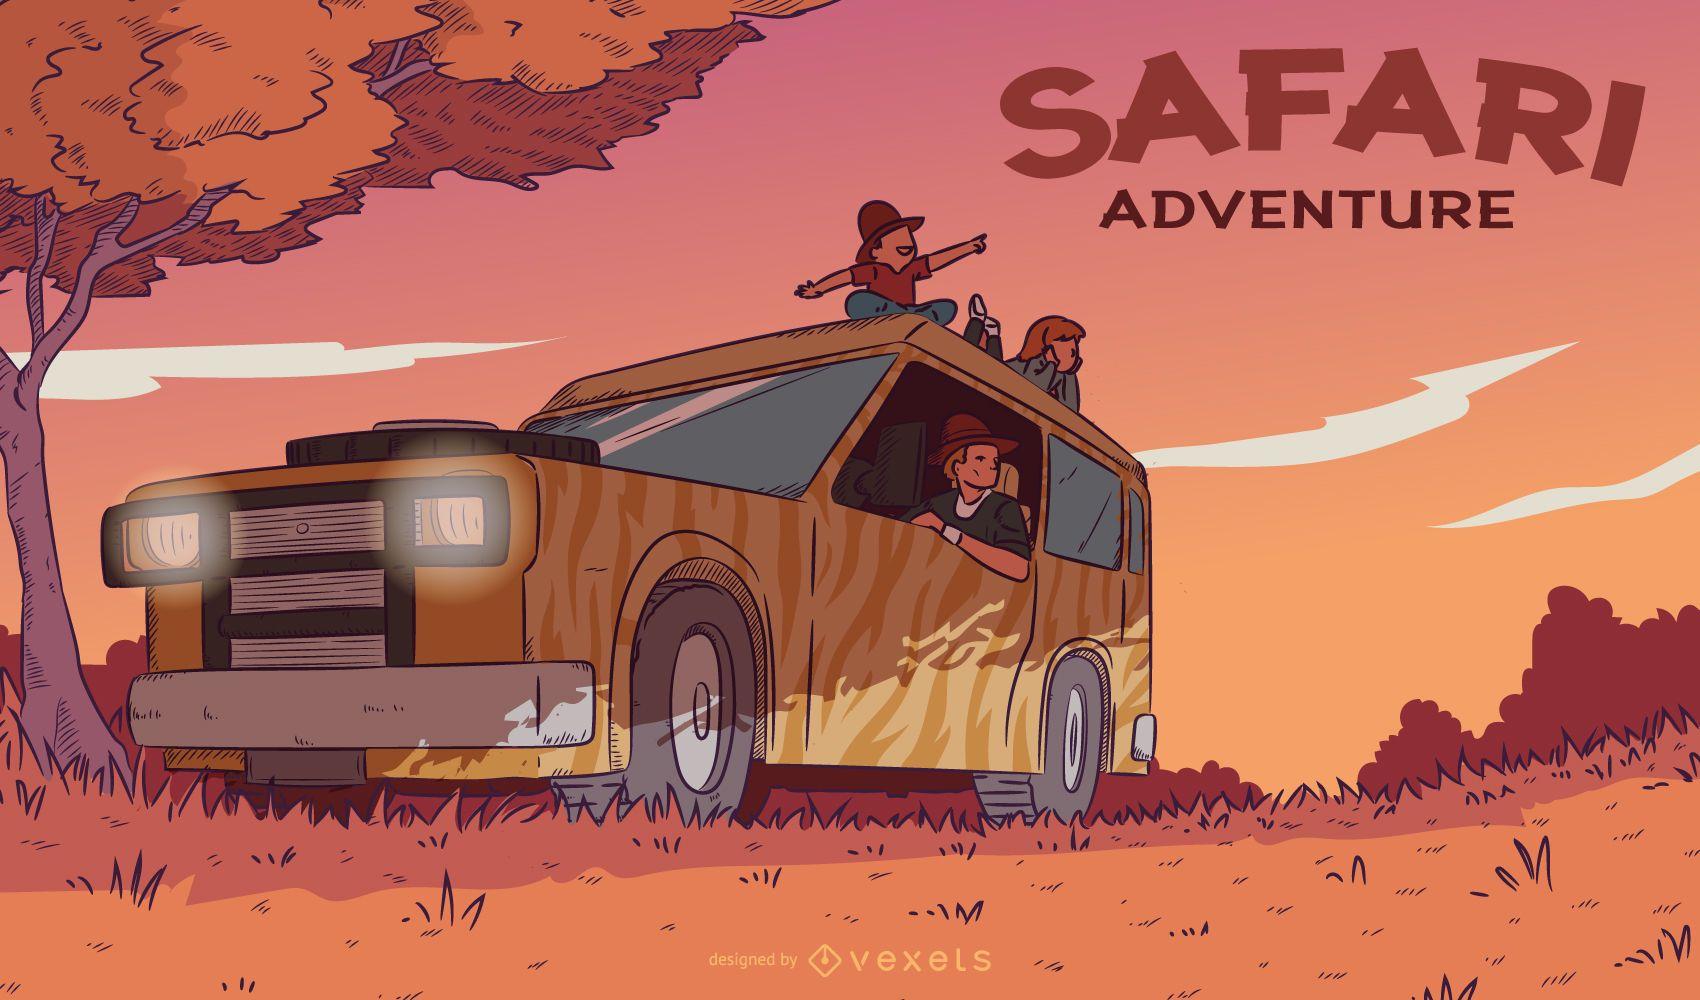 Safari adventure sunset illustration